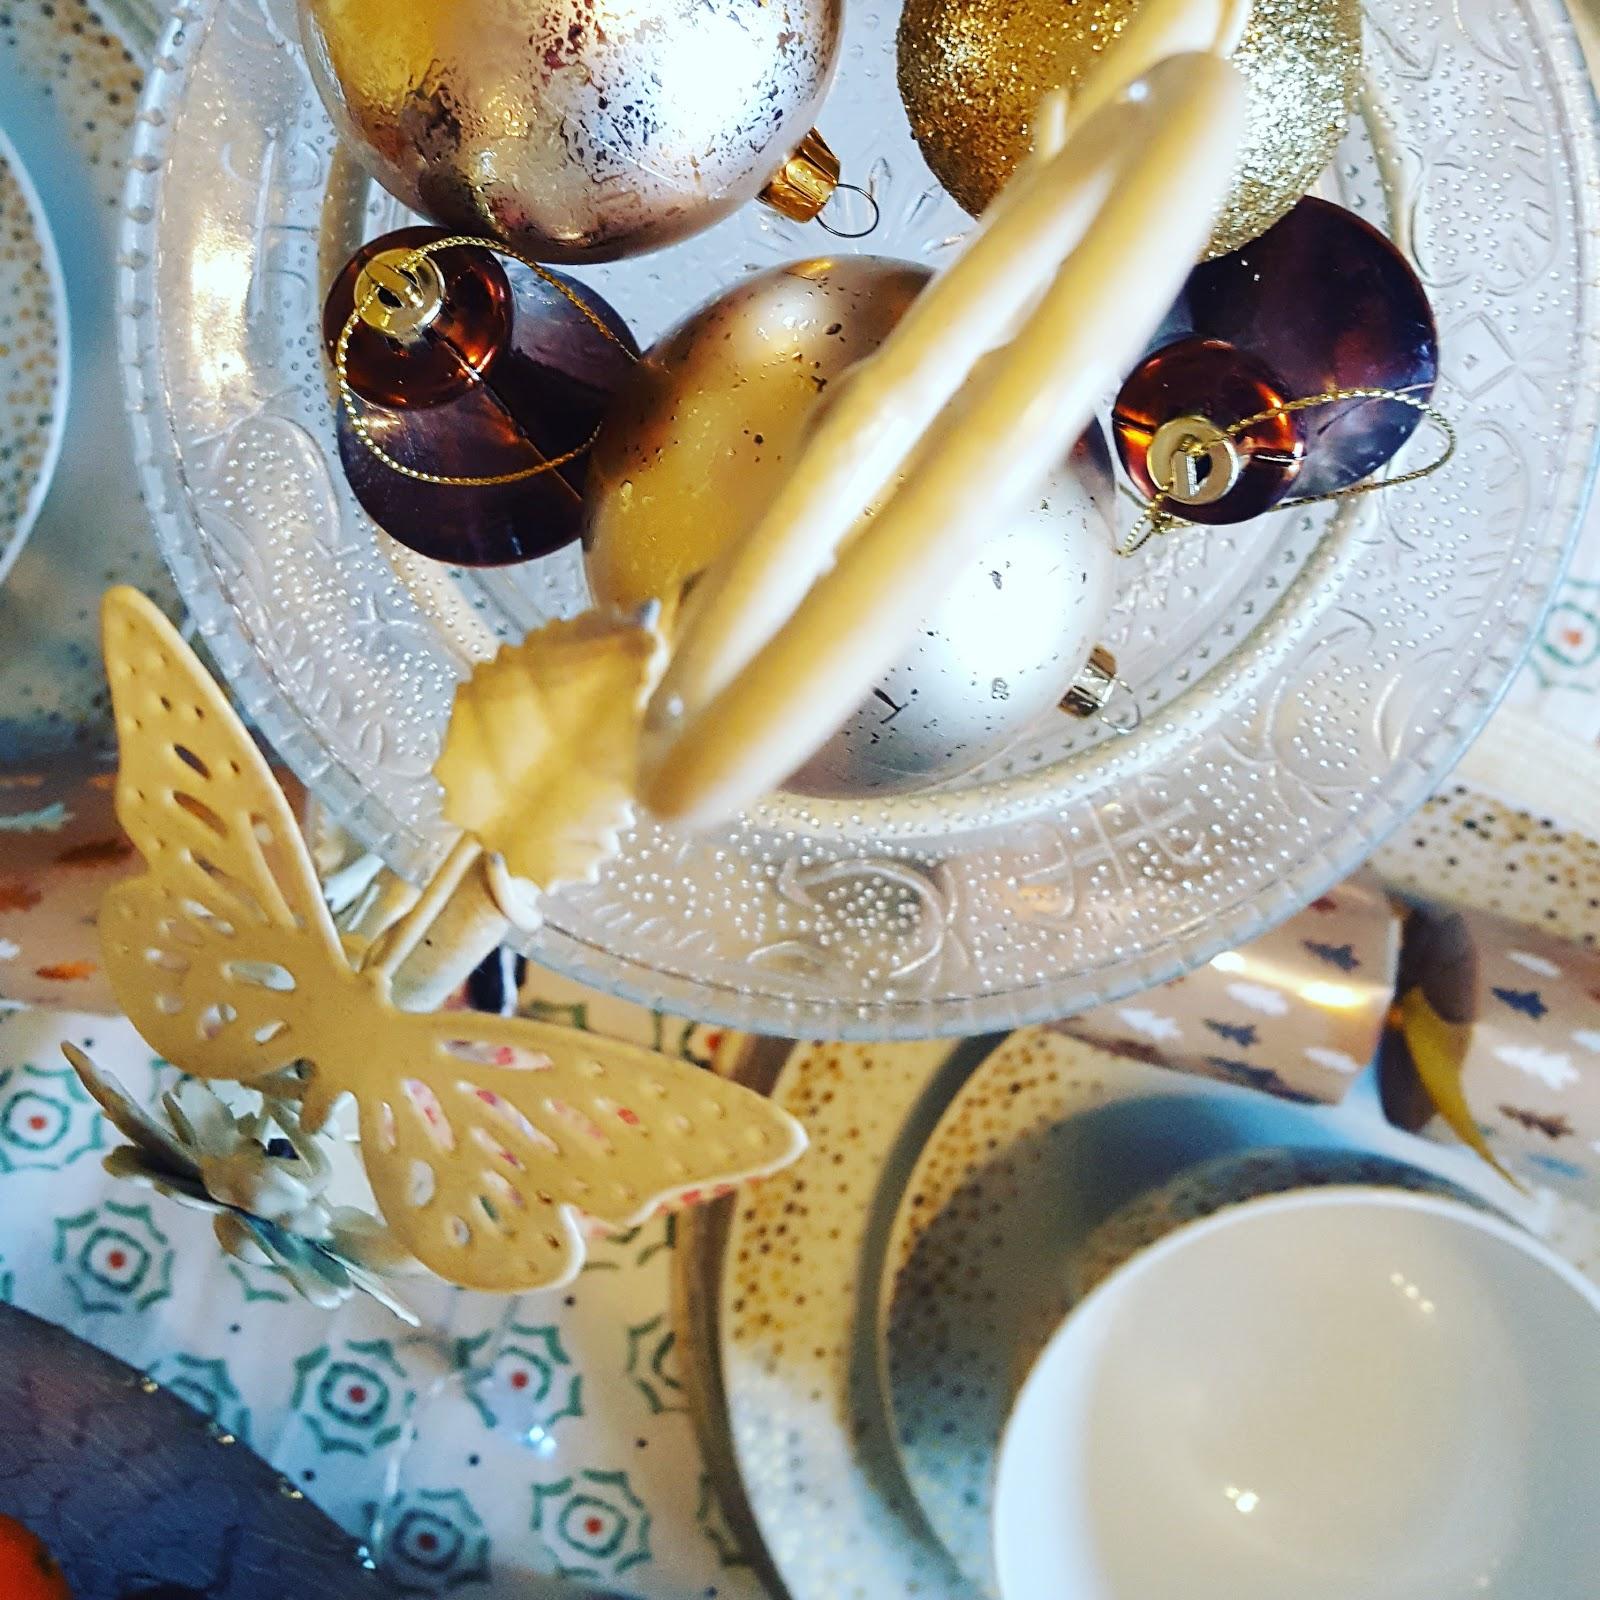 Christmas kitchen, Yummy Food And Christmas Cheer